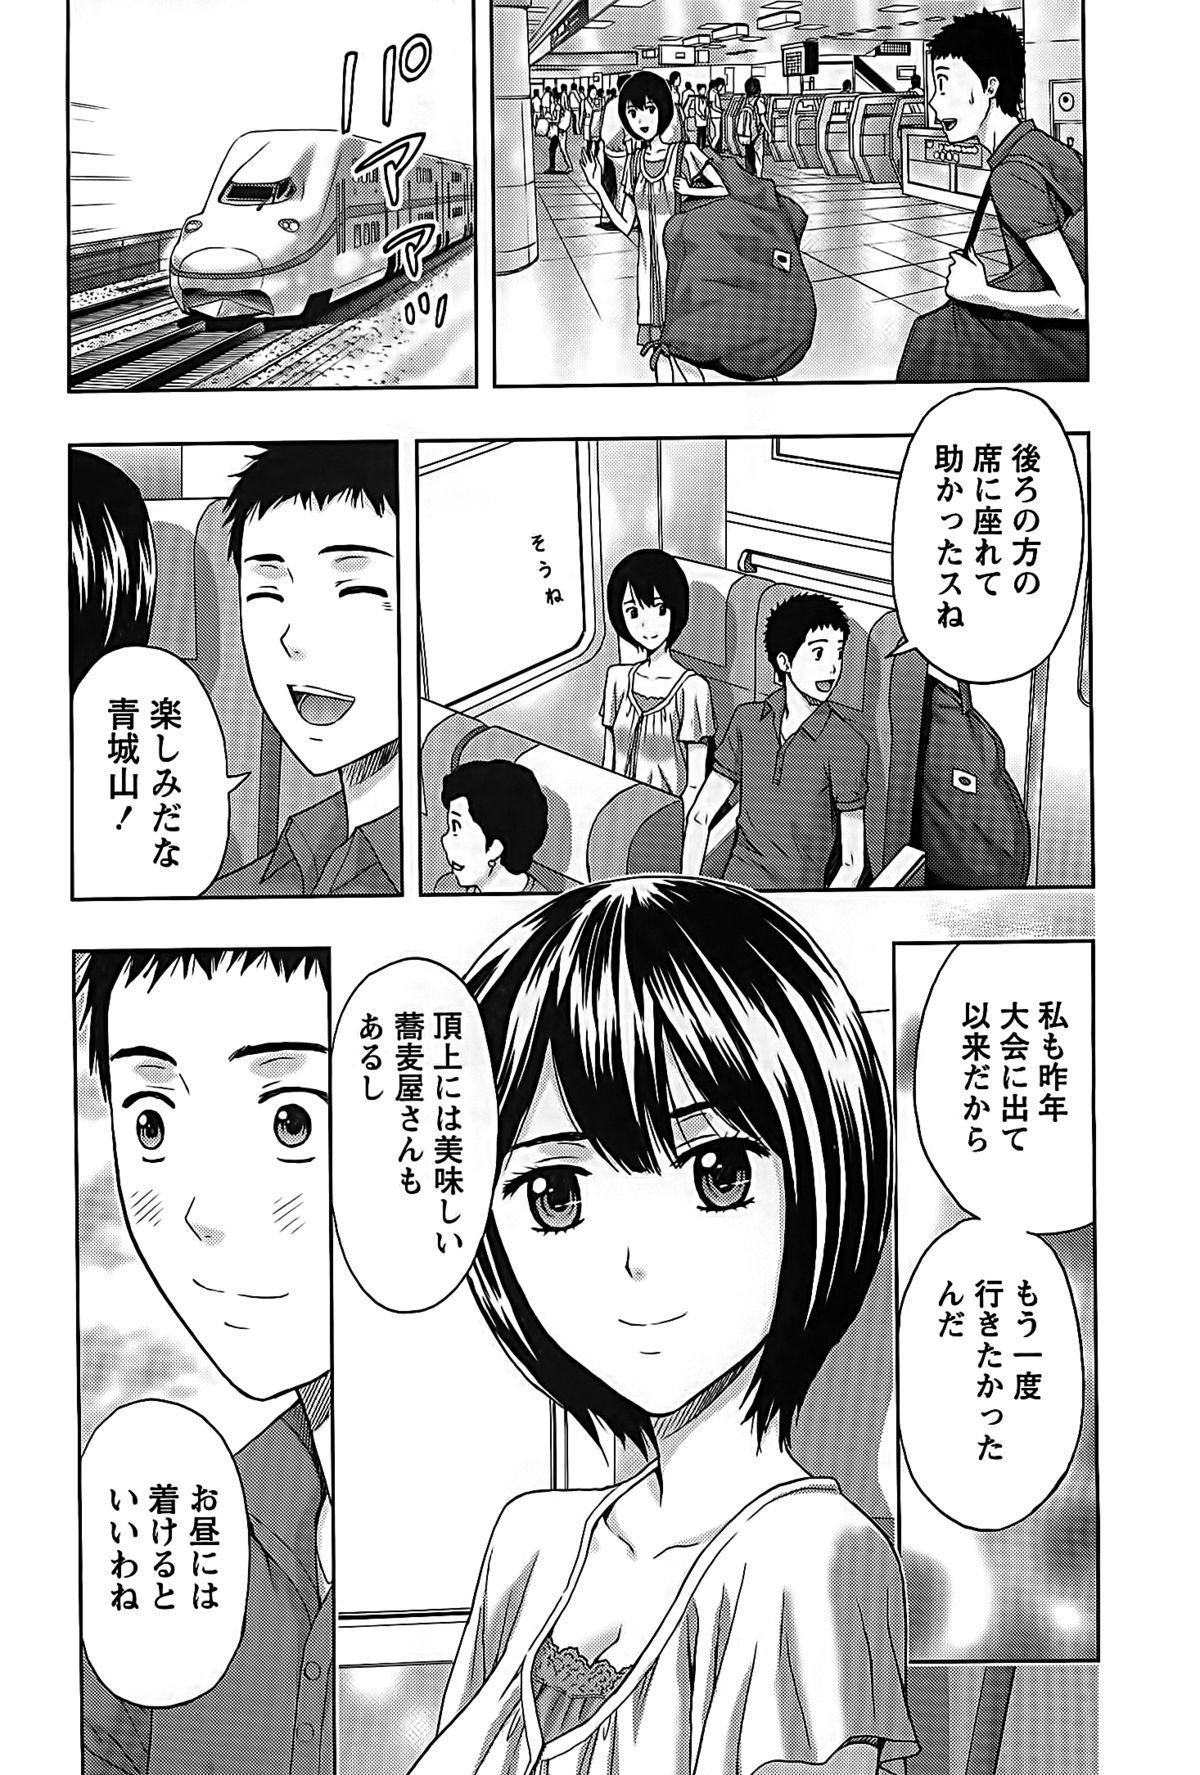 Shittori Lady to Amai Mitsu 7